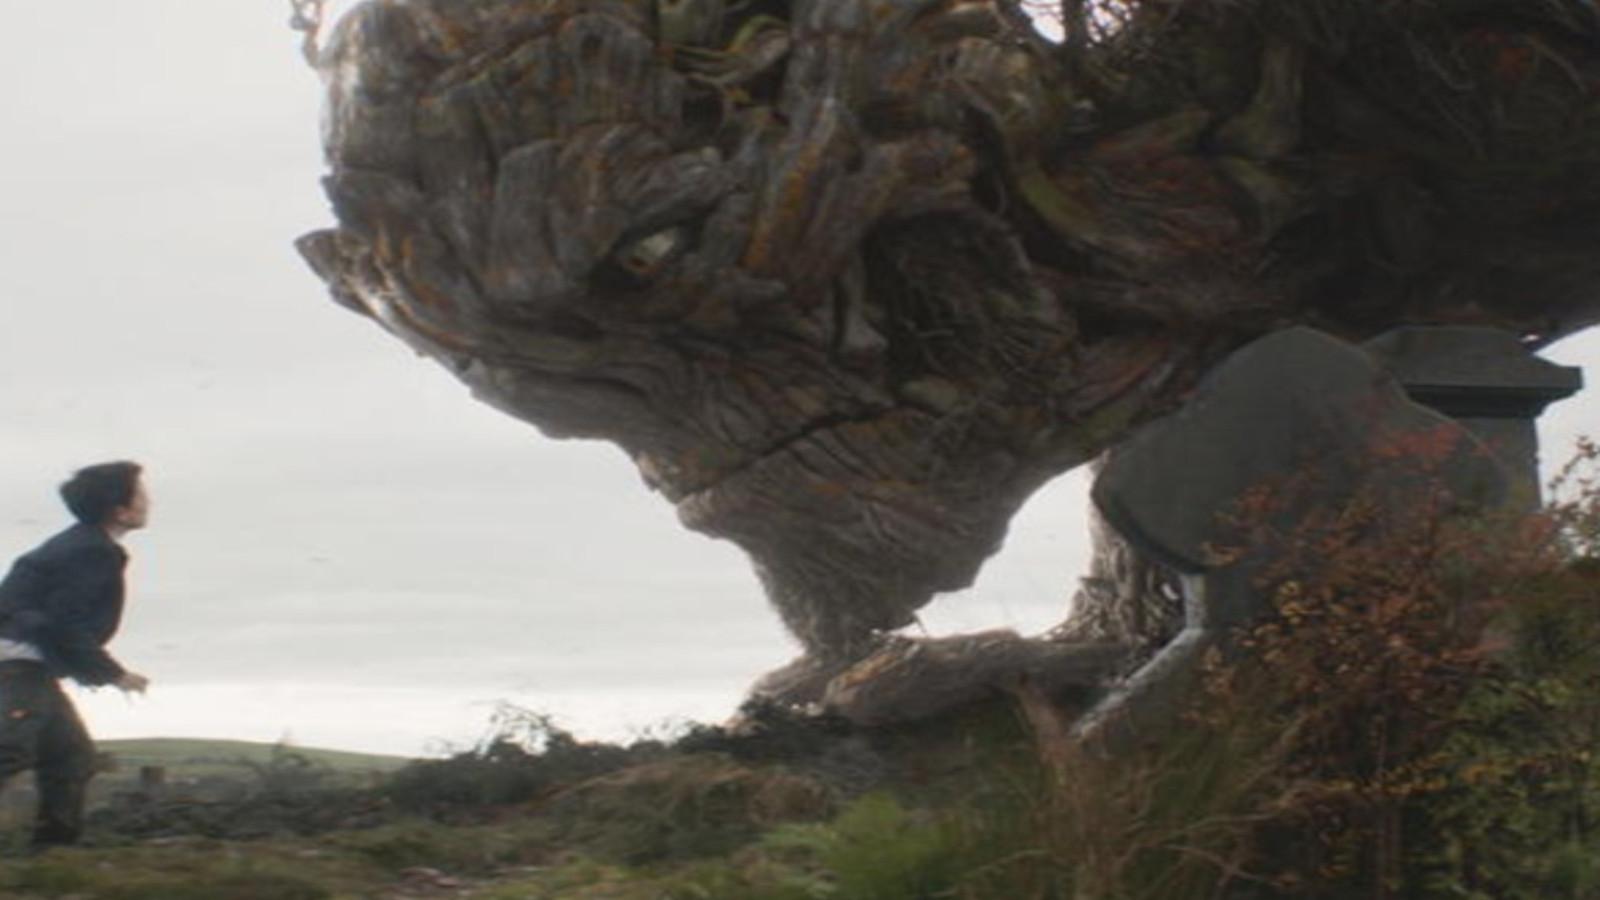 巨型树妖破土而出,8分钟看完奇幻惊悚片《当怪物来敲门》